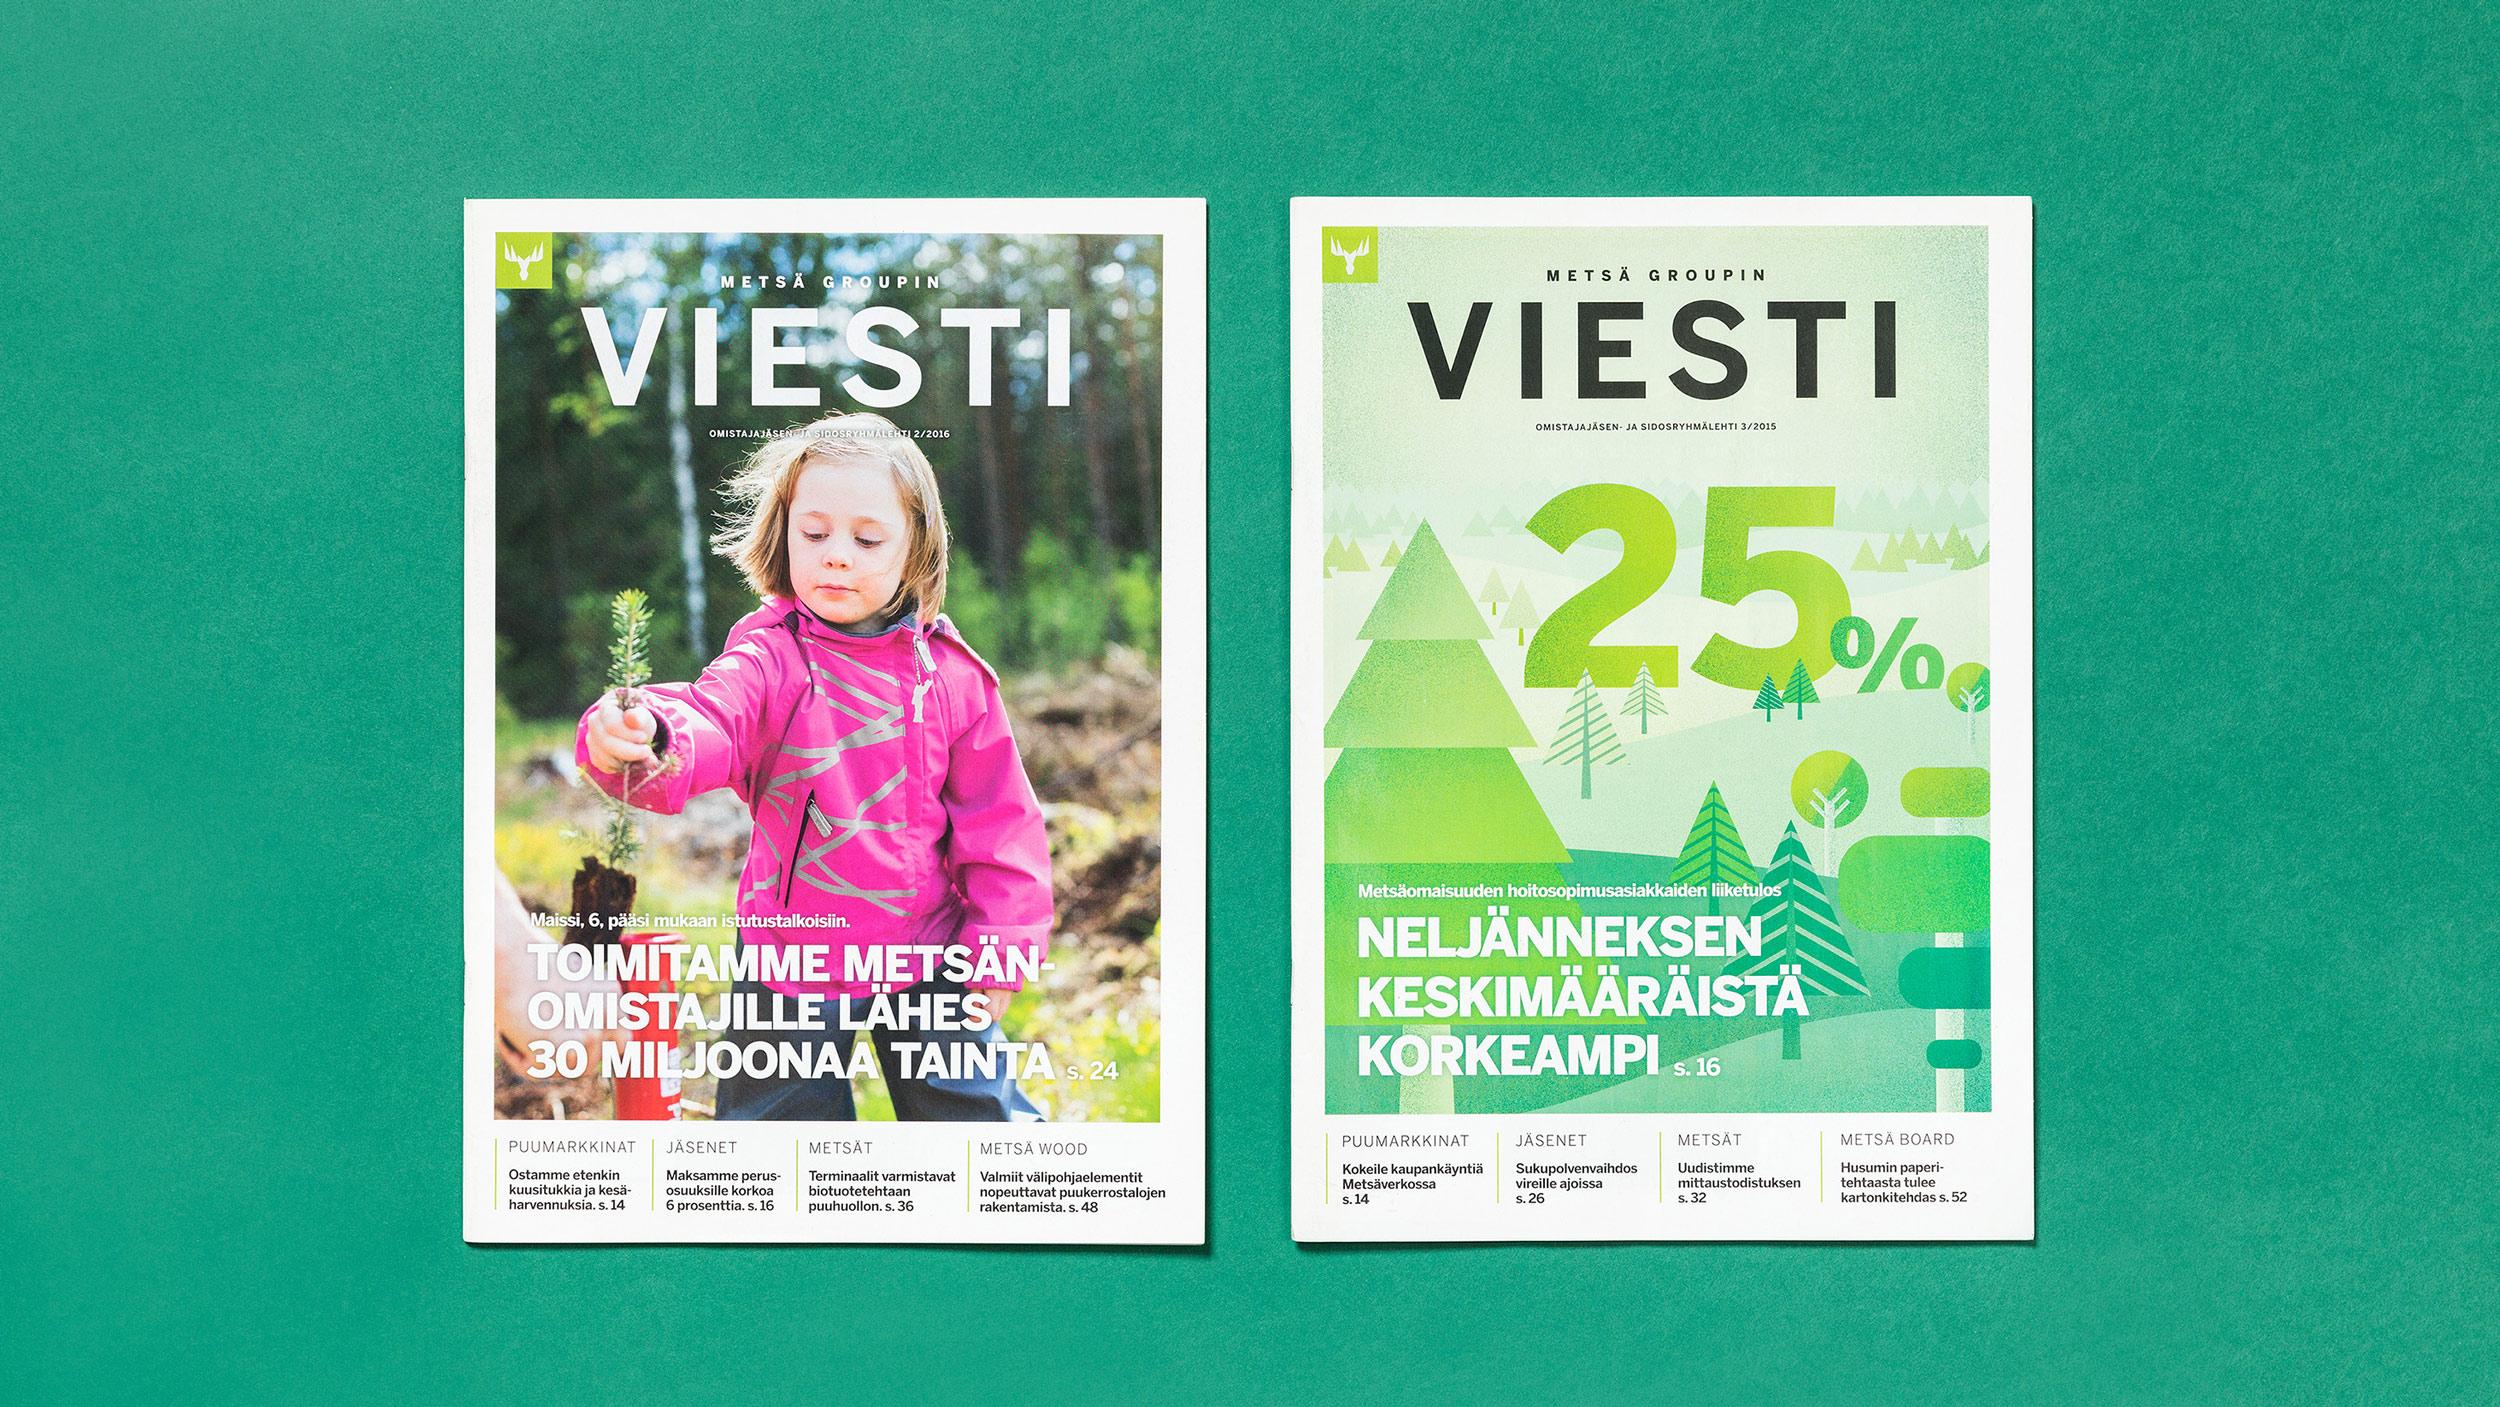 Lehtiuudistus näkyvissä Metsä Groupin Viesti-lehden kansien ilmeessä.